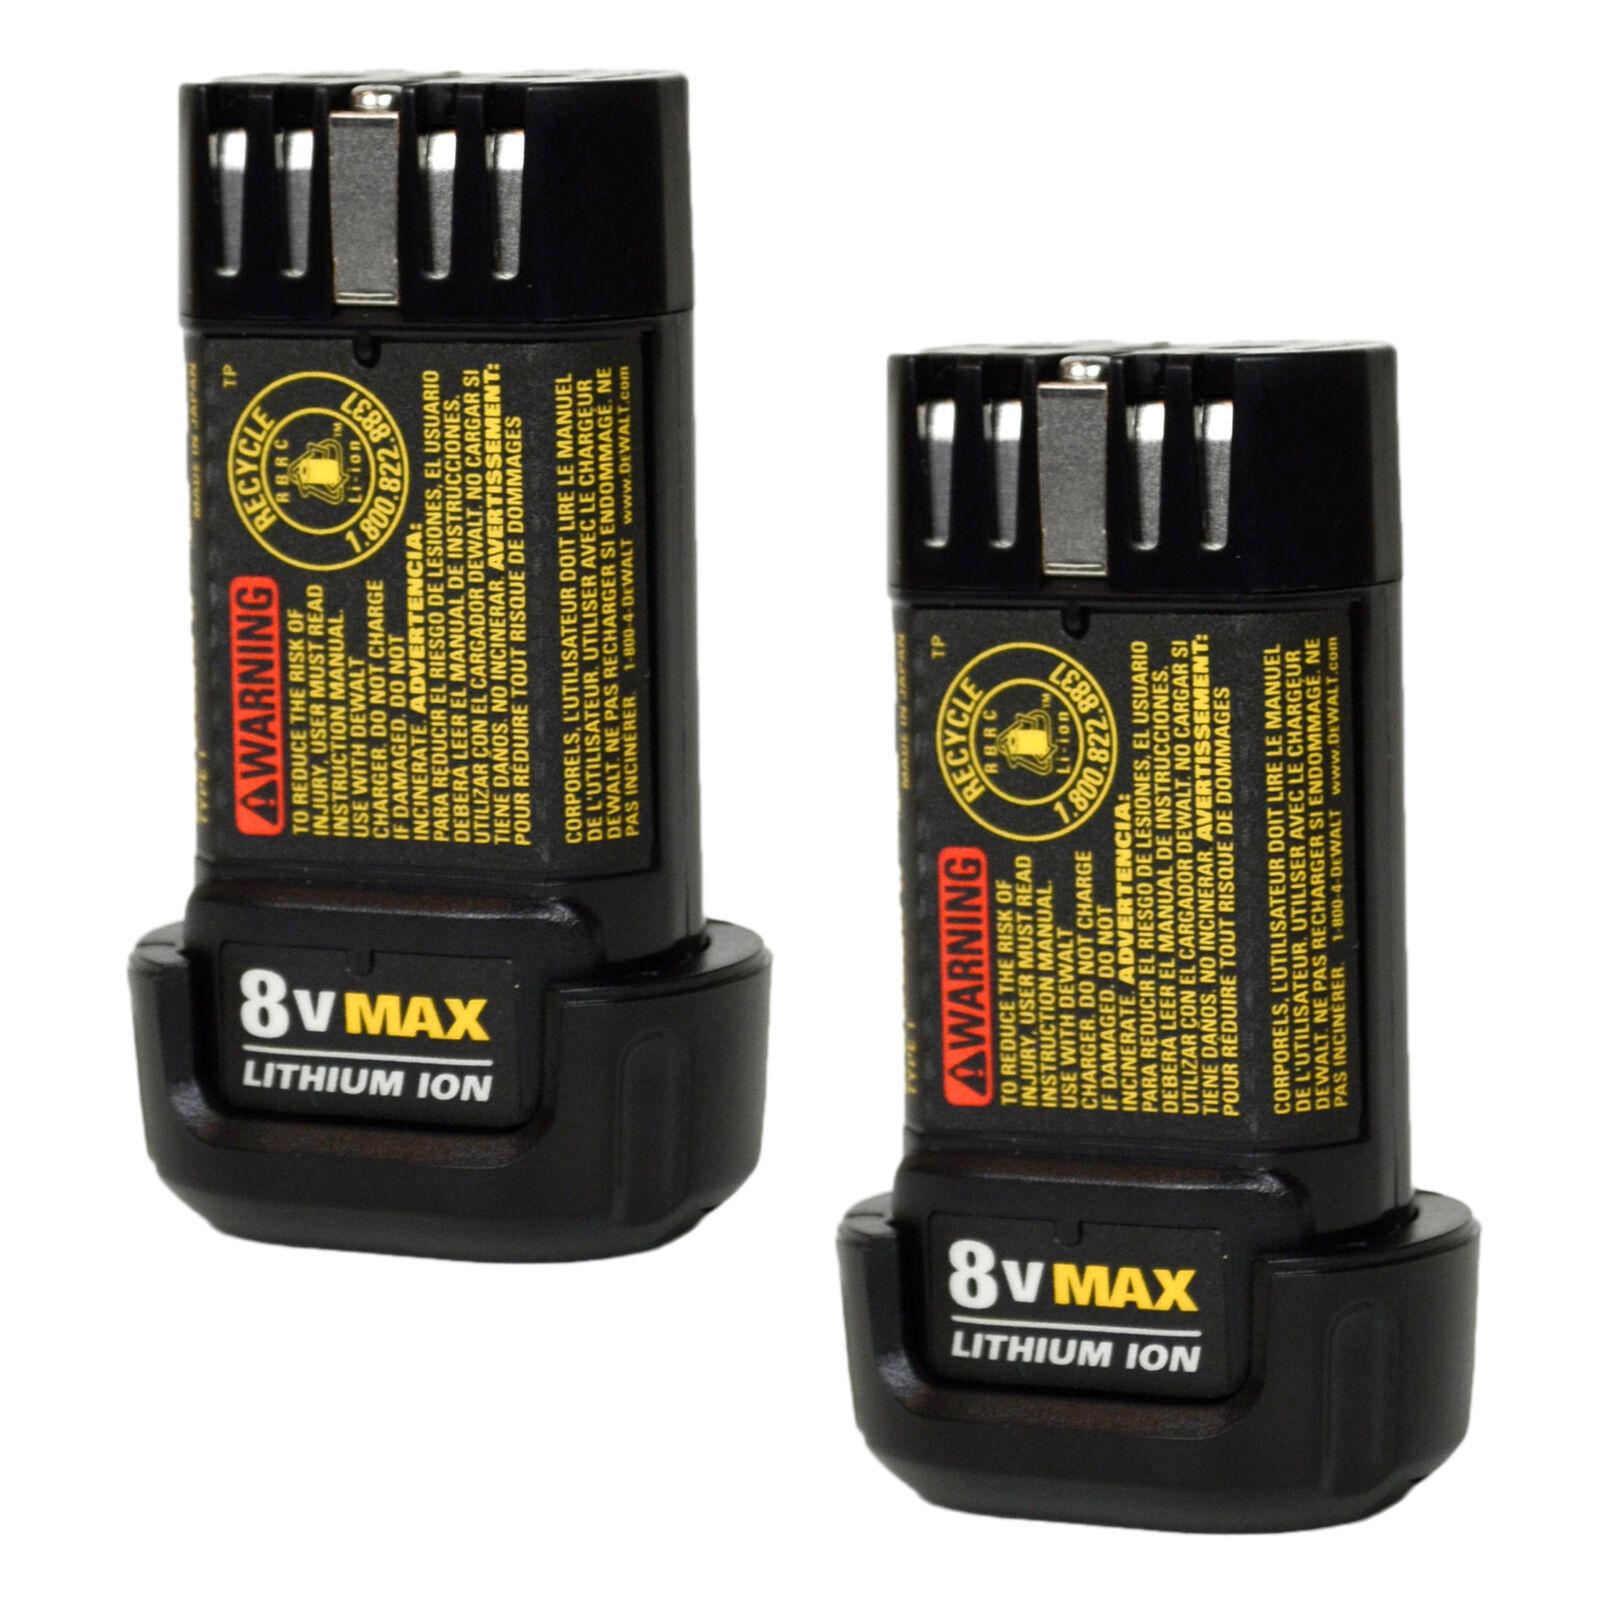 Dewalt DCB080 8V 1.0Ah MAX Li-Ion Battery 2PK for DCL023 DCF680 DCF682 DCB095